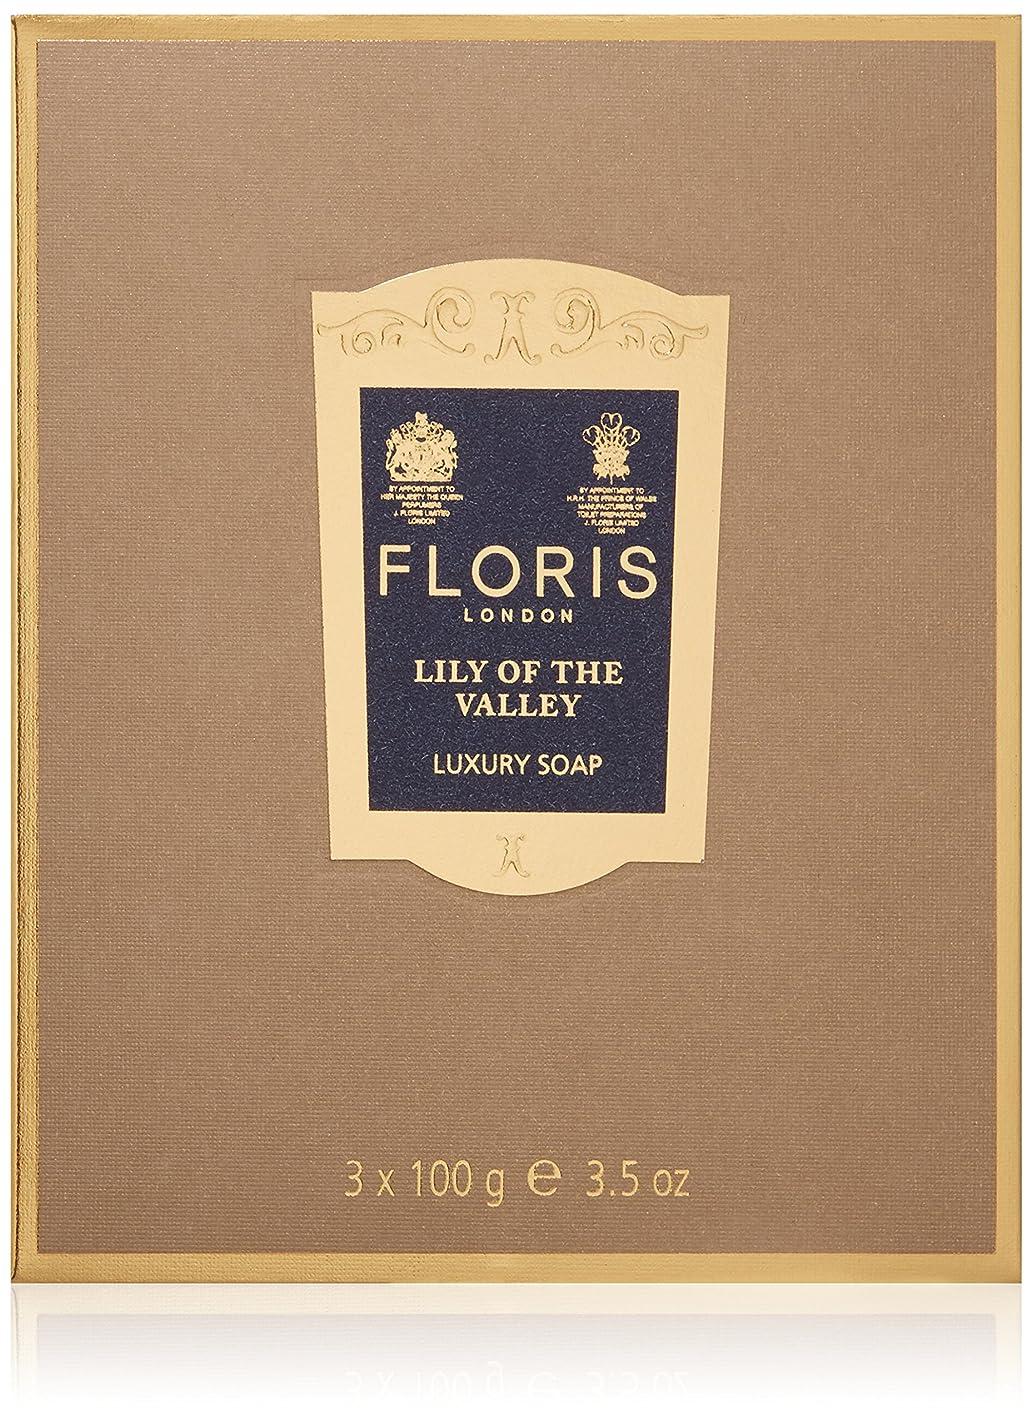 ナース哲学的一掃するフローリス ラグジュアリーソープLV(リリーオブザバレー)3x100g/3.5oz